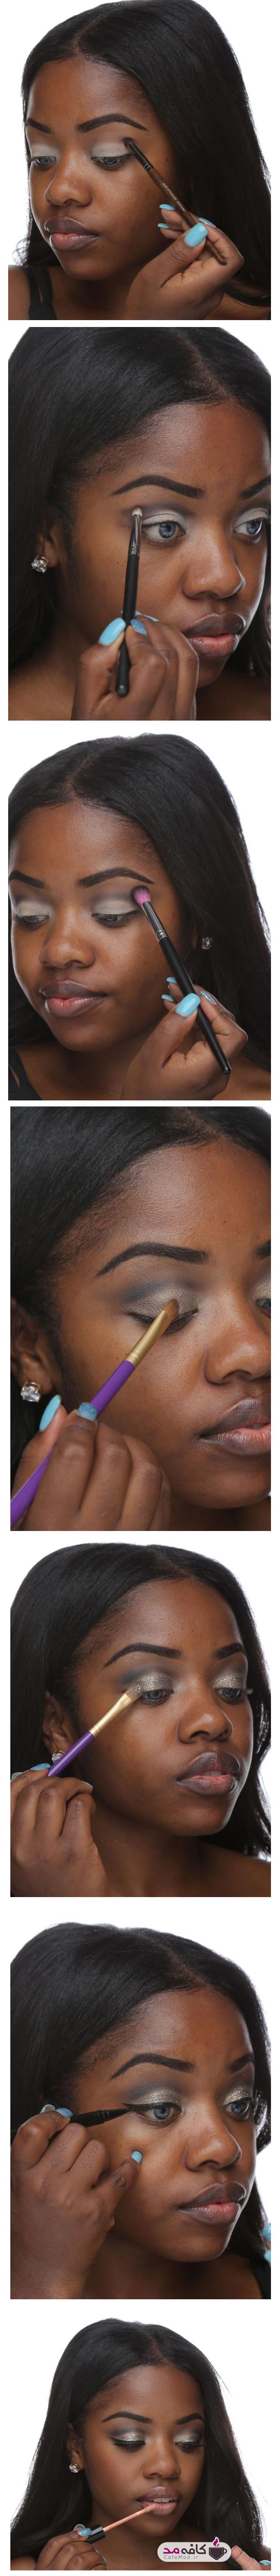 آموزش آرایش چشم برای افراد با پوست تیره